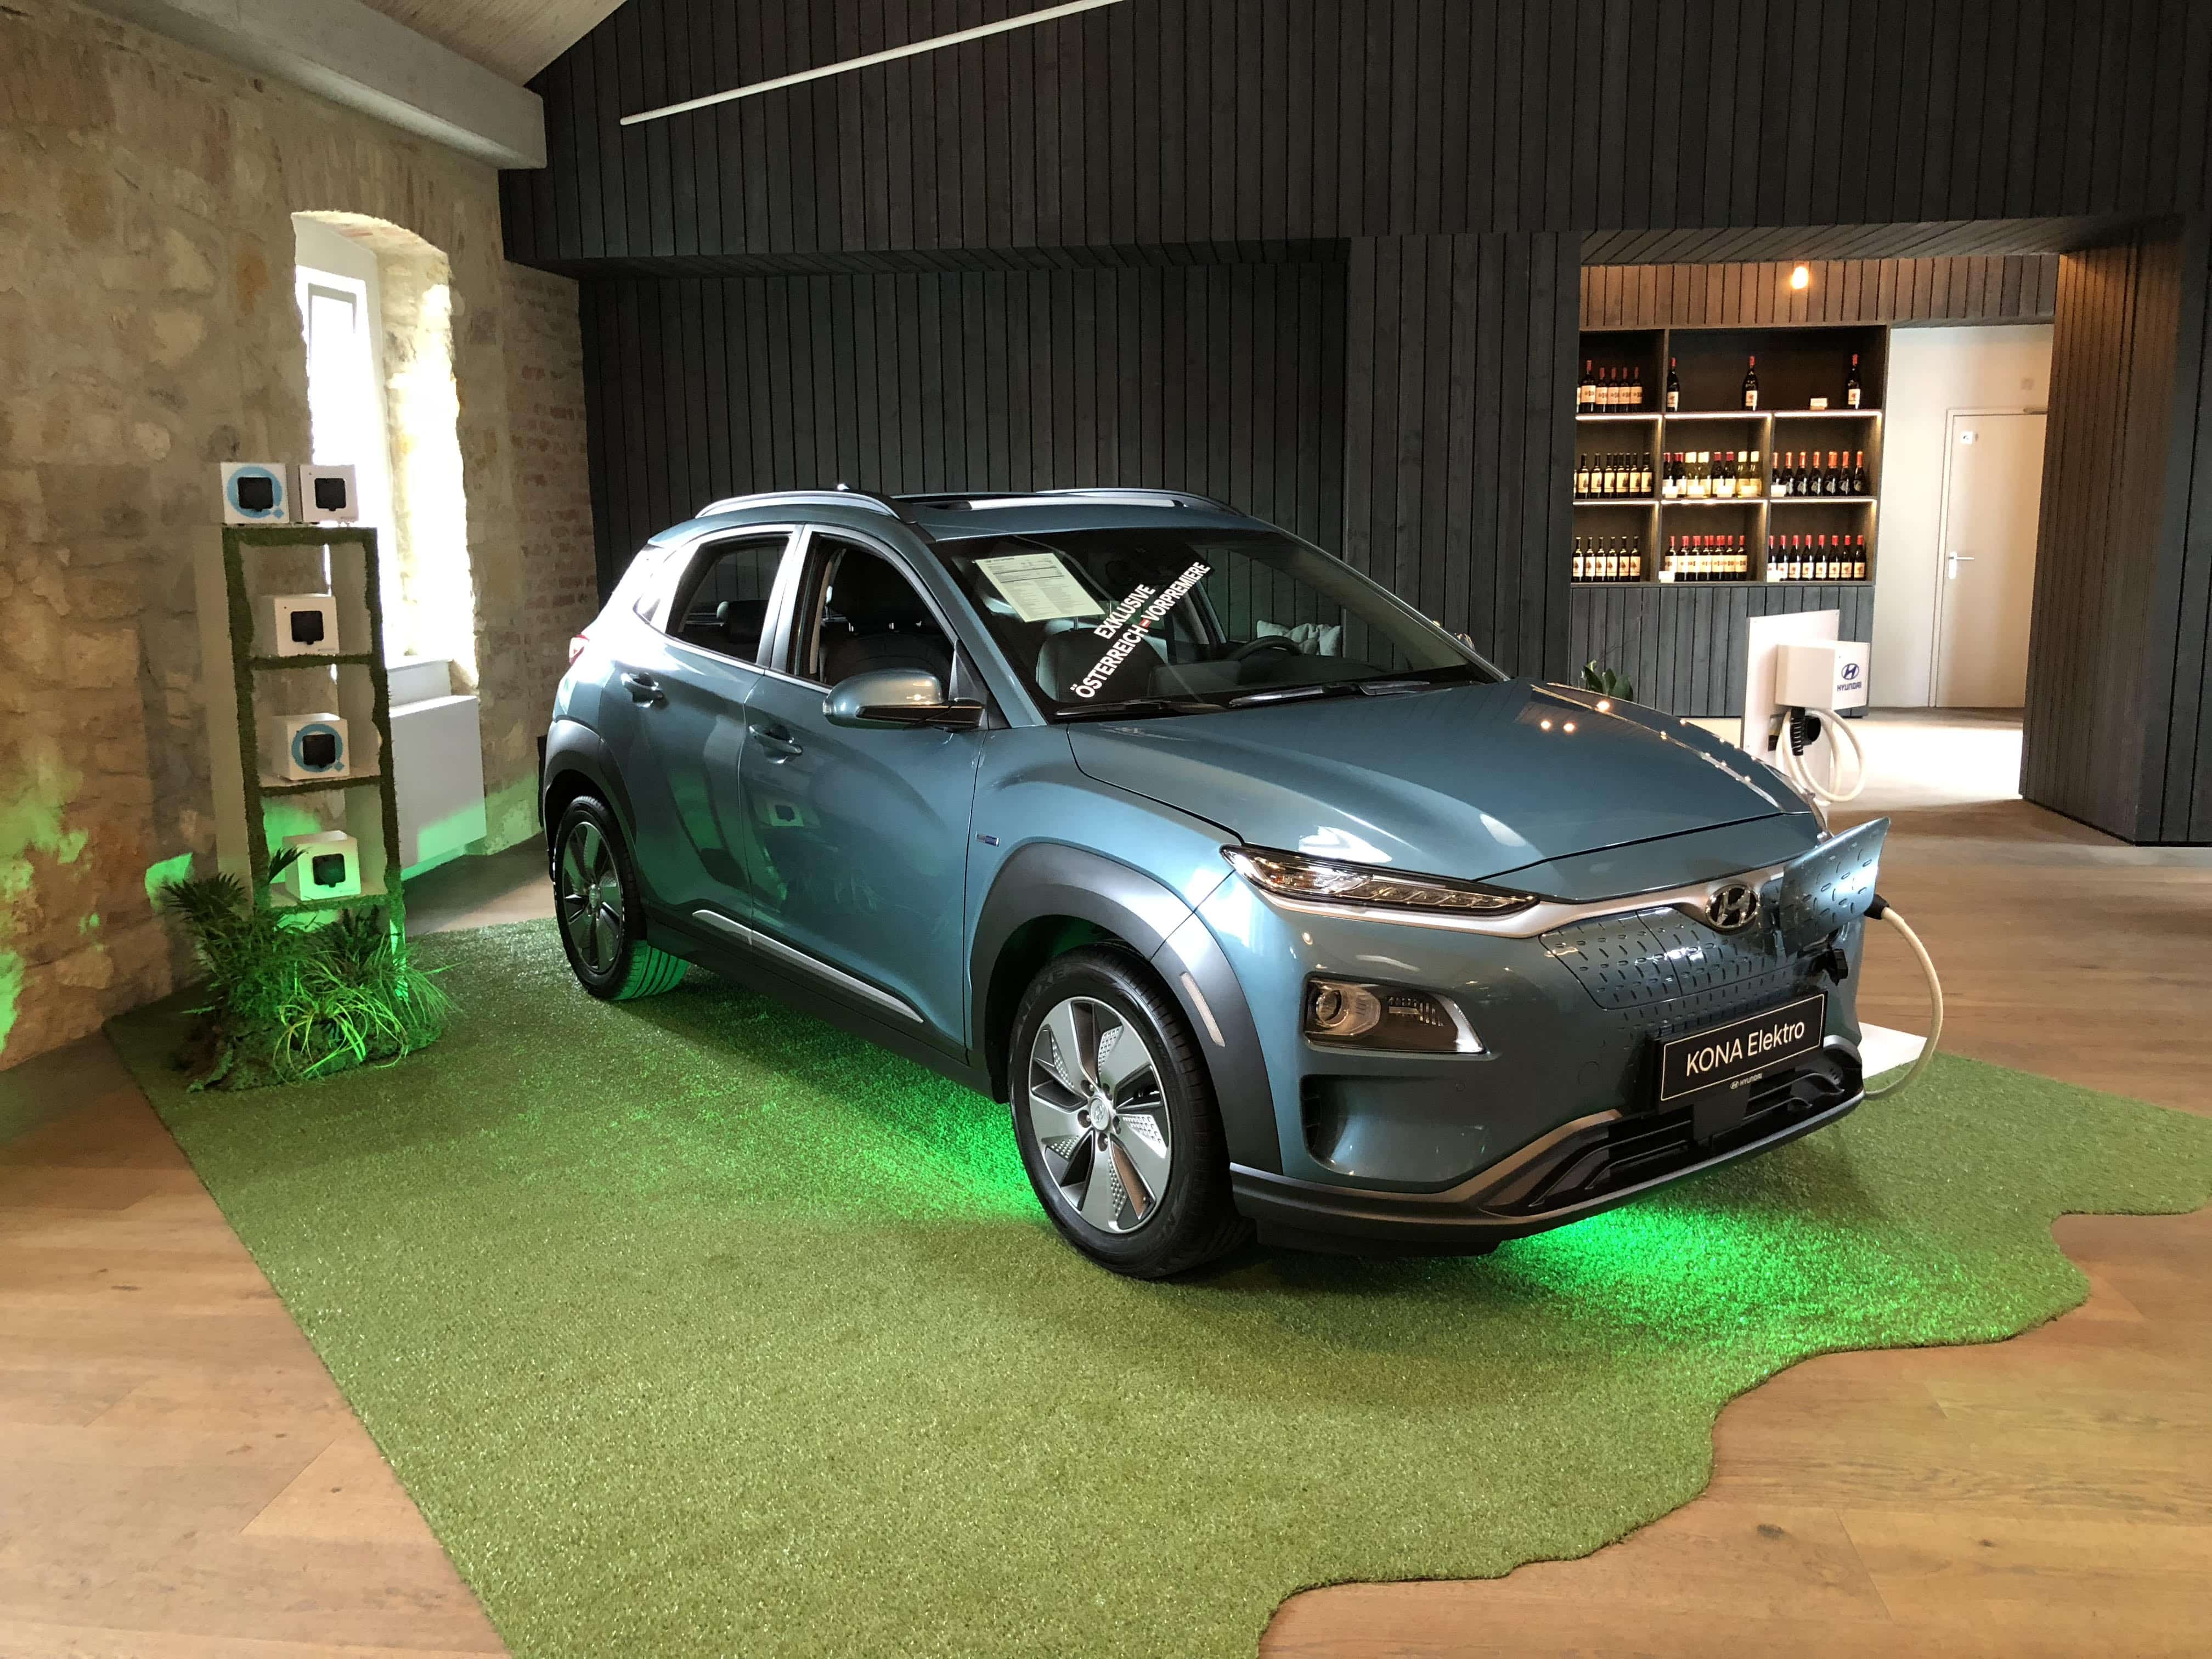 Hyundai gibt Preise und Ausstattung des Kona Elektro für Österreich bekannt! » unnamed